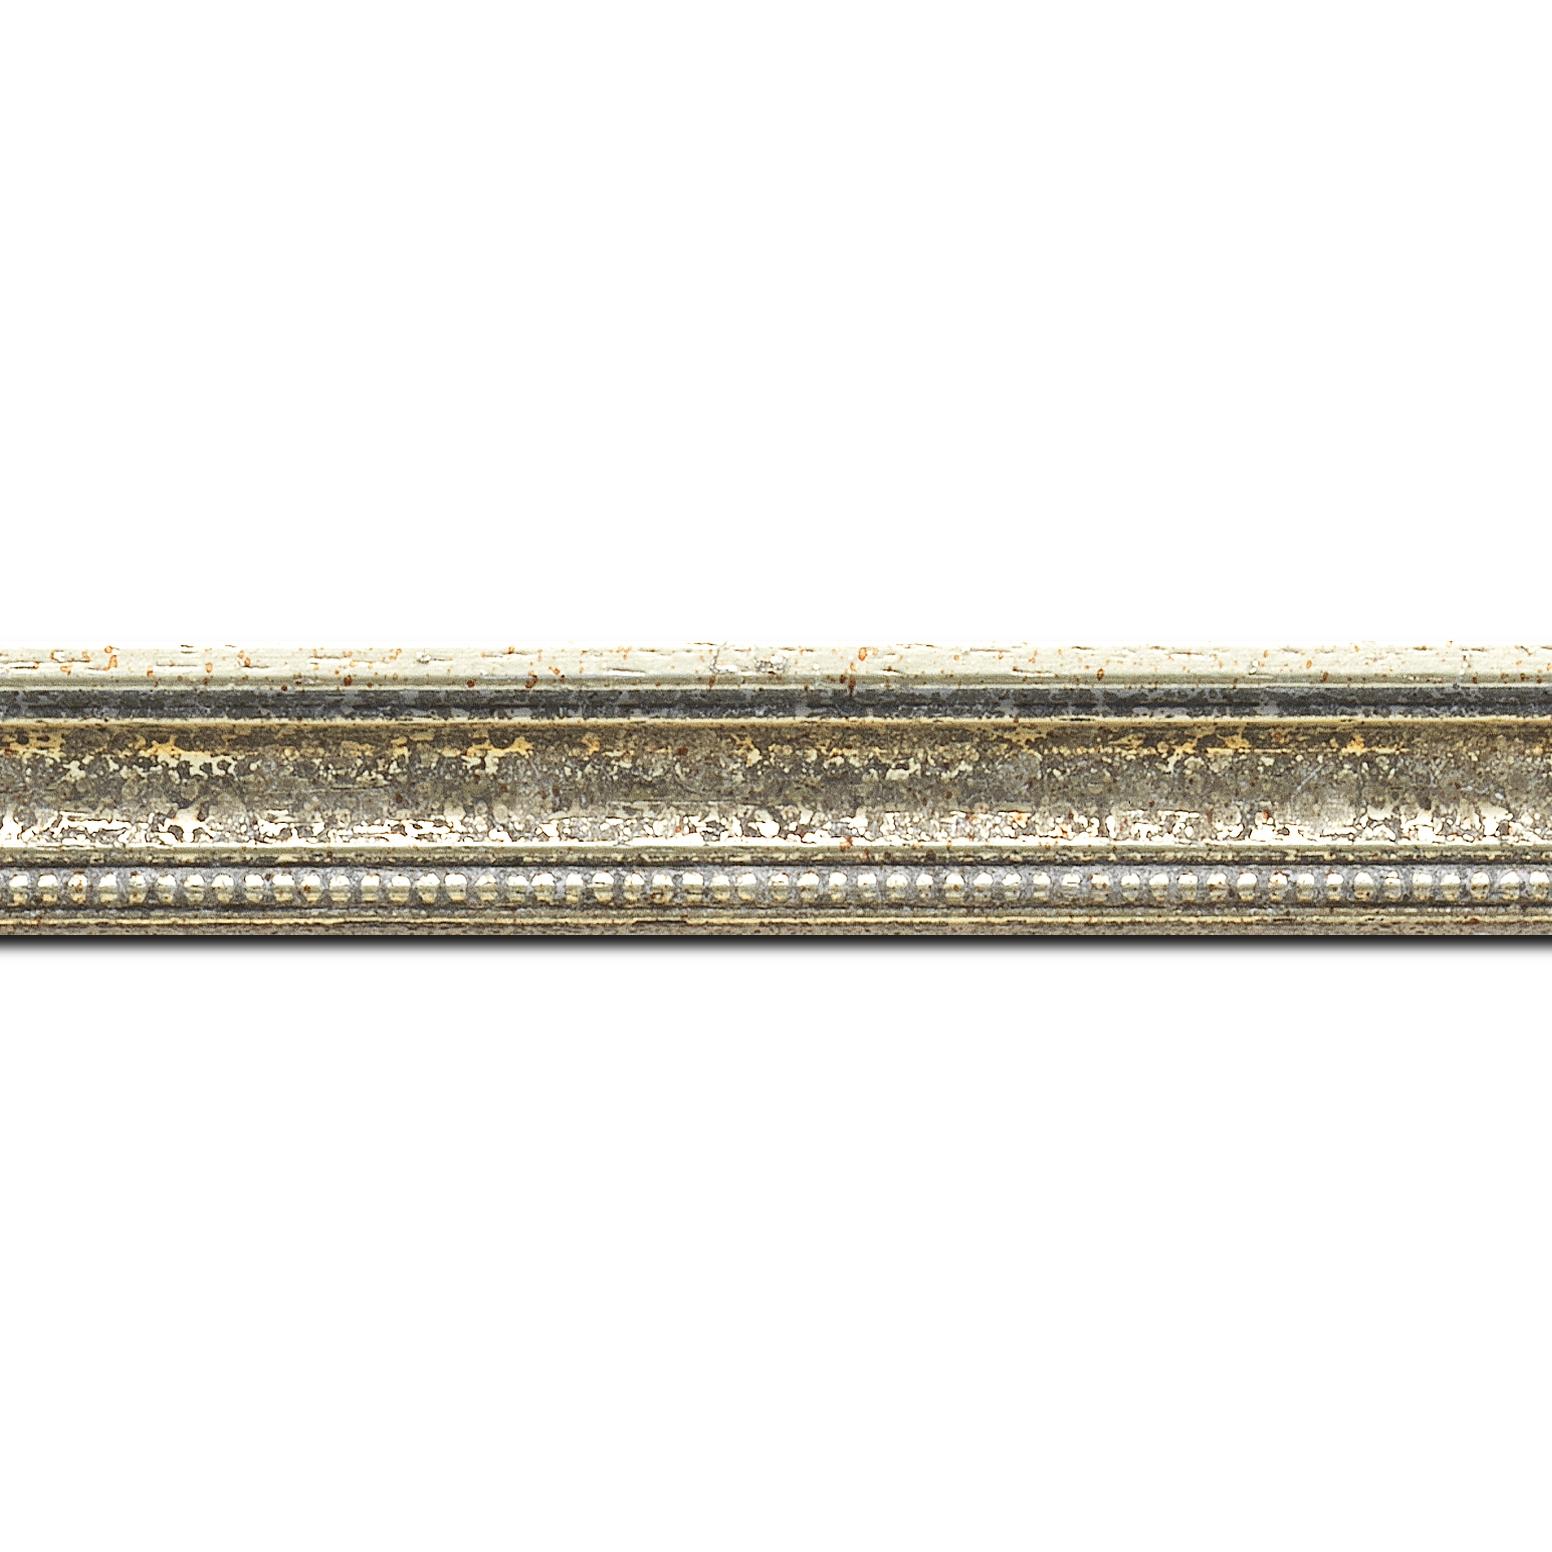 Pack par 12m, bois profil incuvé largeur 2.4cm argent antique gorge argent filet perle or(longueur baguette pouvant varier entre 2.40m et 3m selon arrivage des bois)